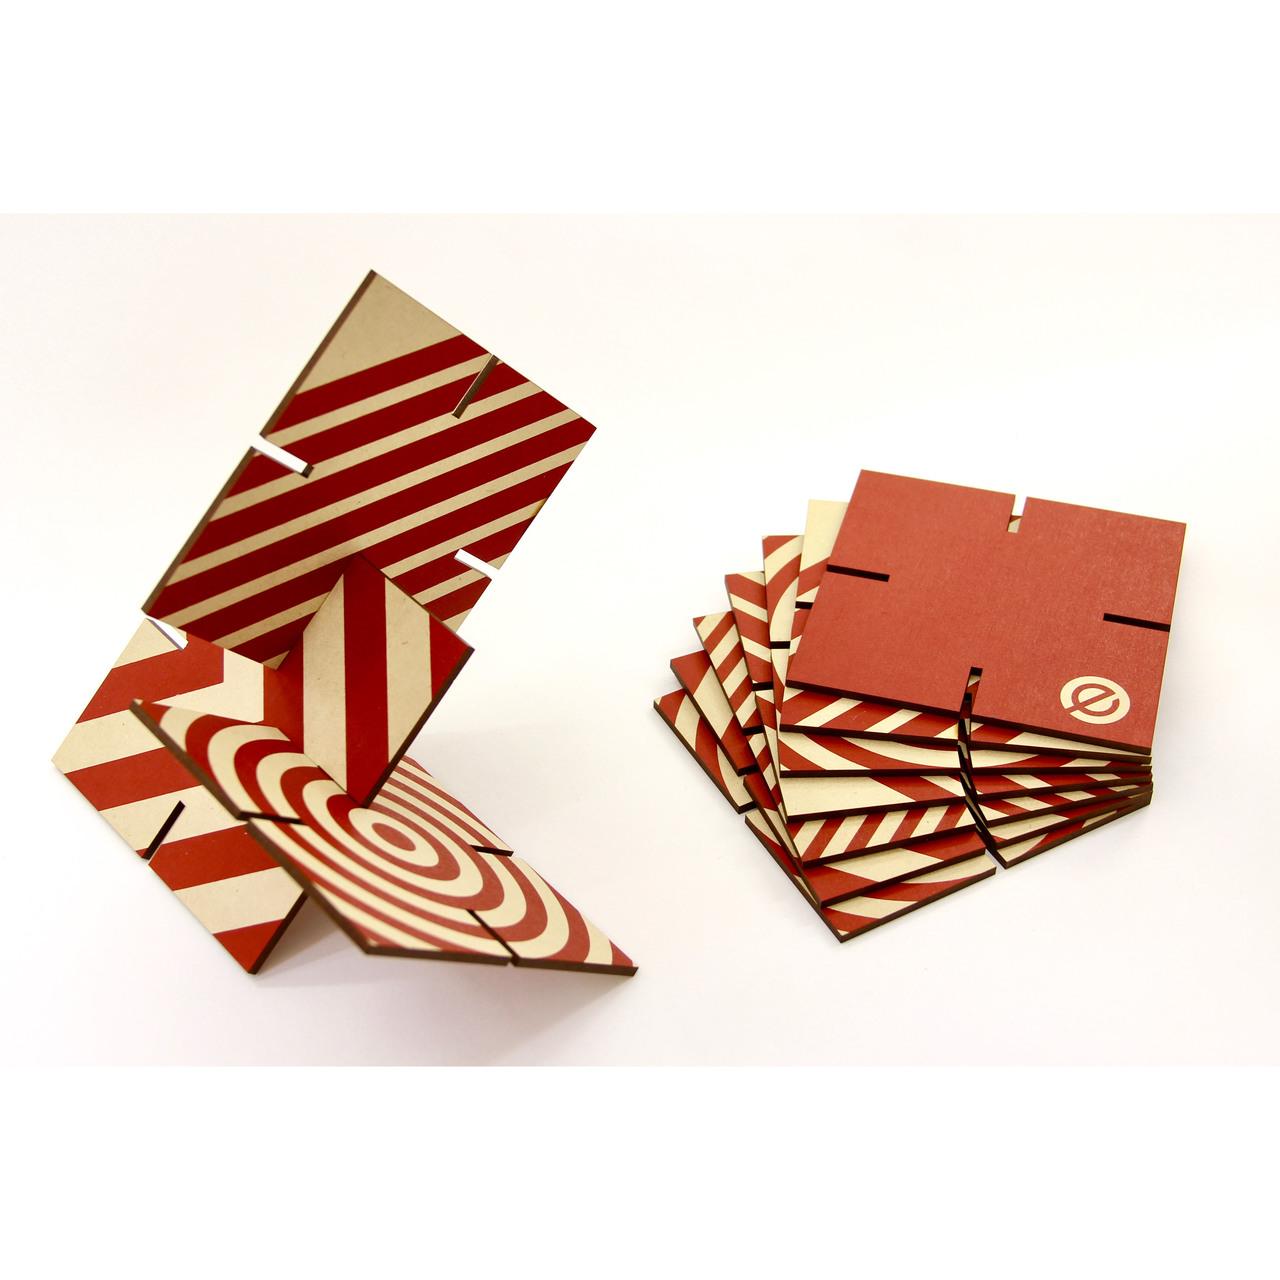 Ekko Workshop Patterened Sculpture Squared, Red